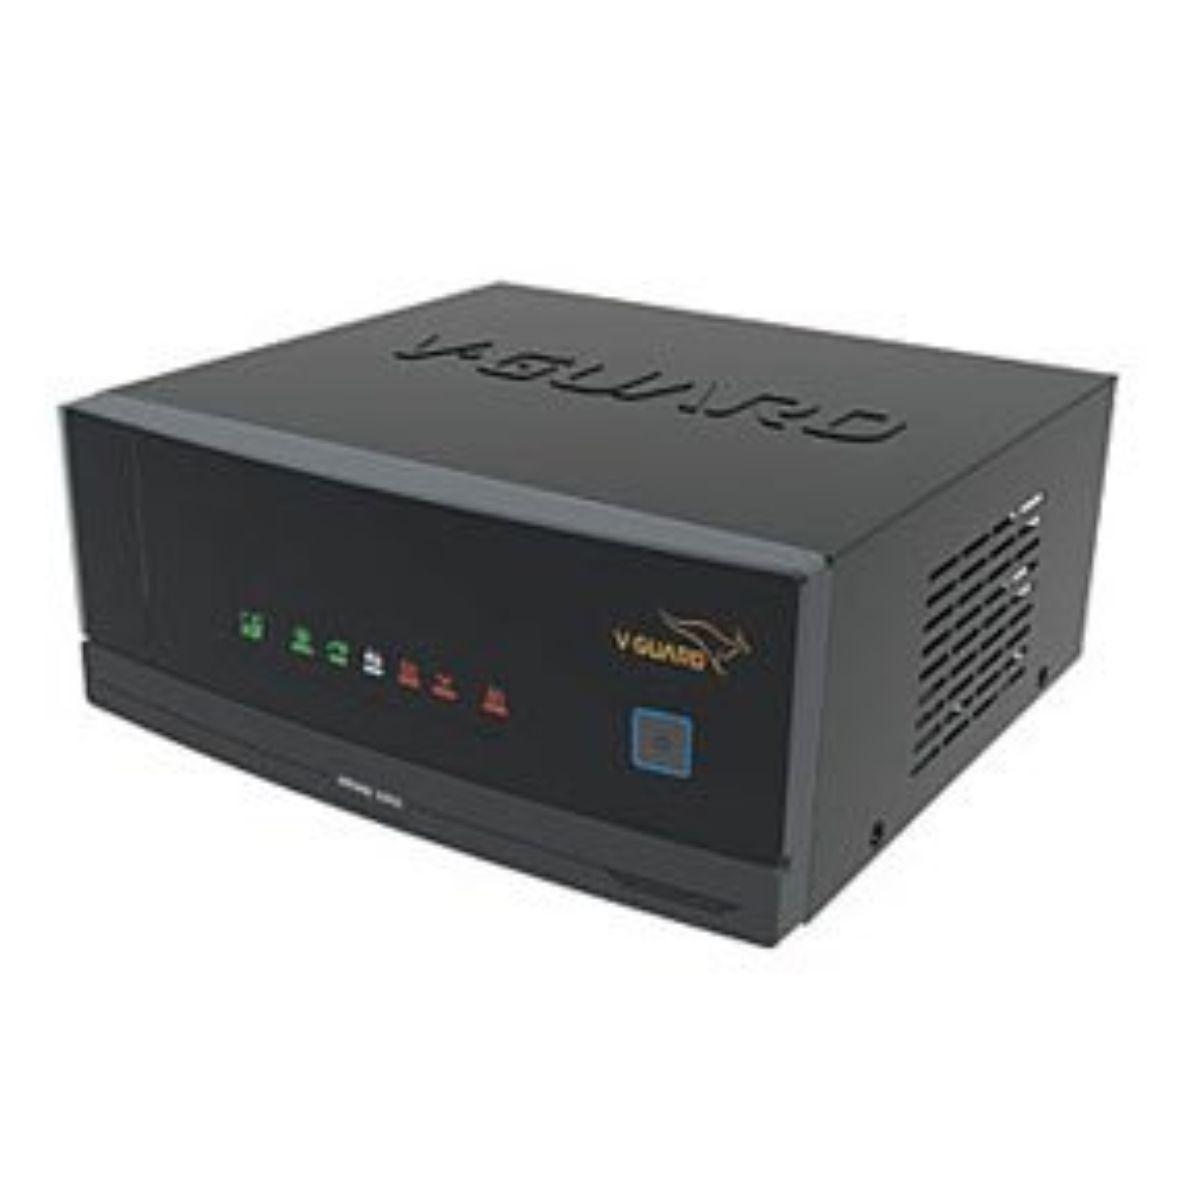 V-Guard Inverter Sine Wave/Appliances, 900VA